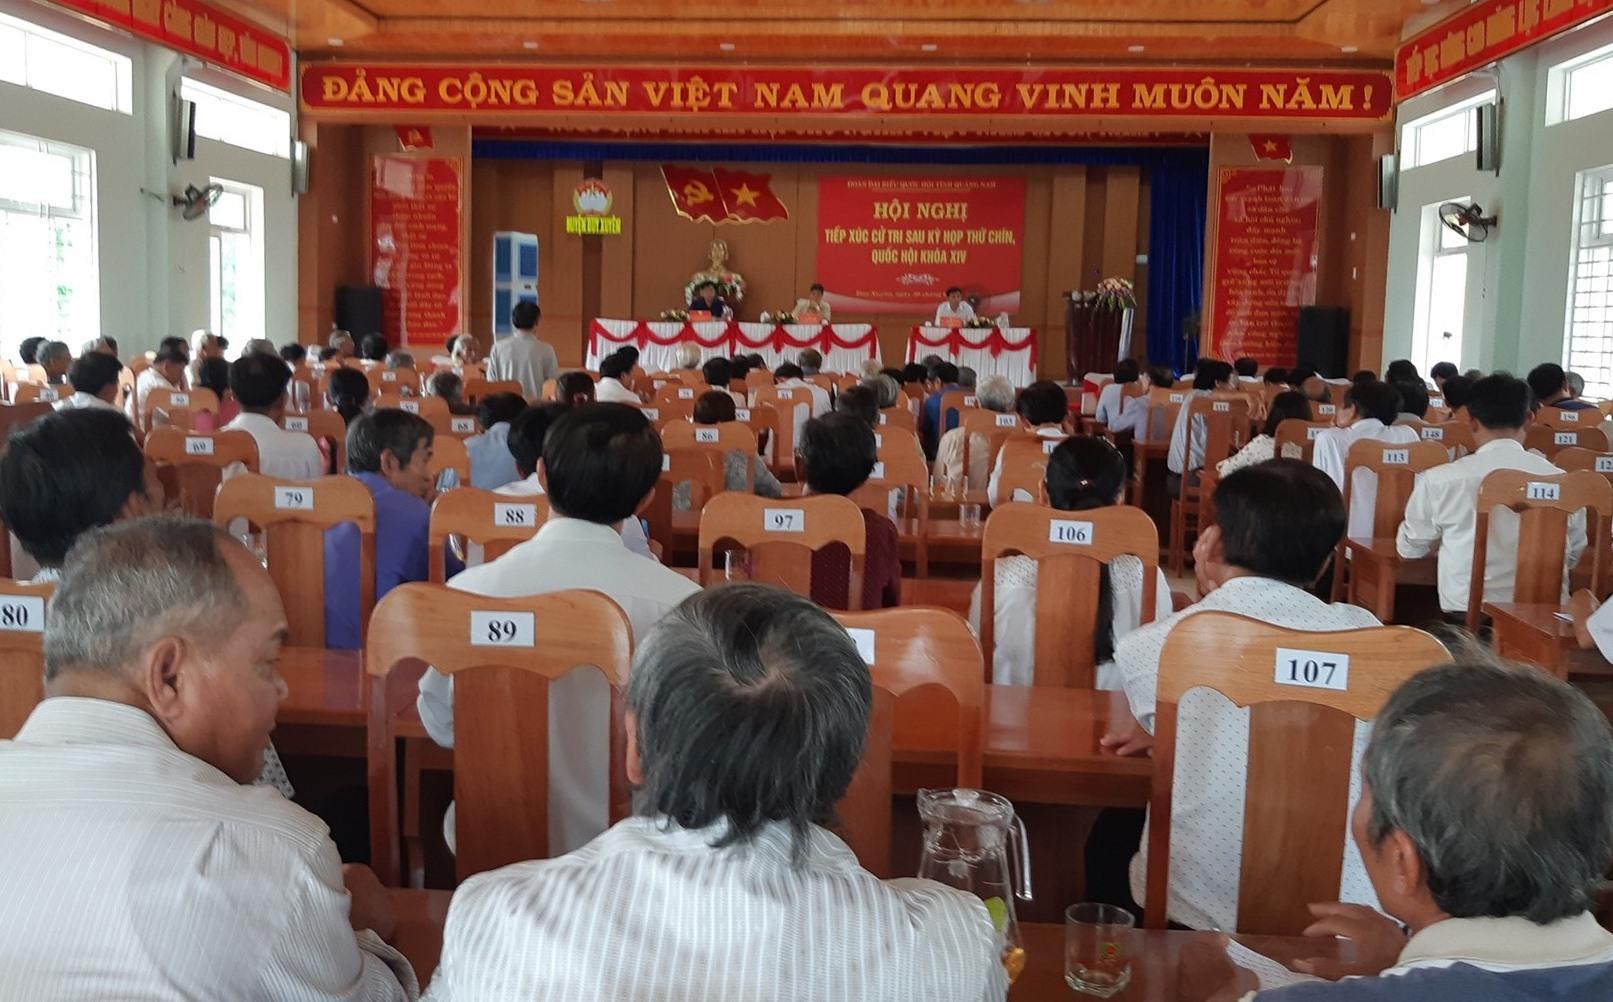 Đông đảo cử tri các xã vùng đông Duy Xuyên tham gia buổi tiếp xúc cử tri tại xã Duy Nghĩa. Ảnh: HOÀNG LIÊN